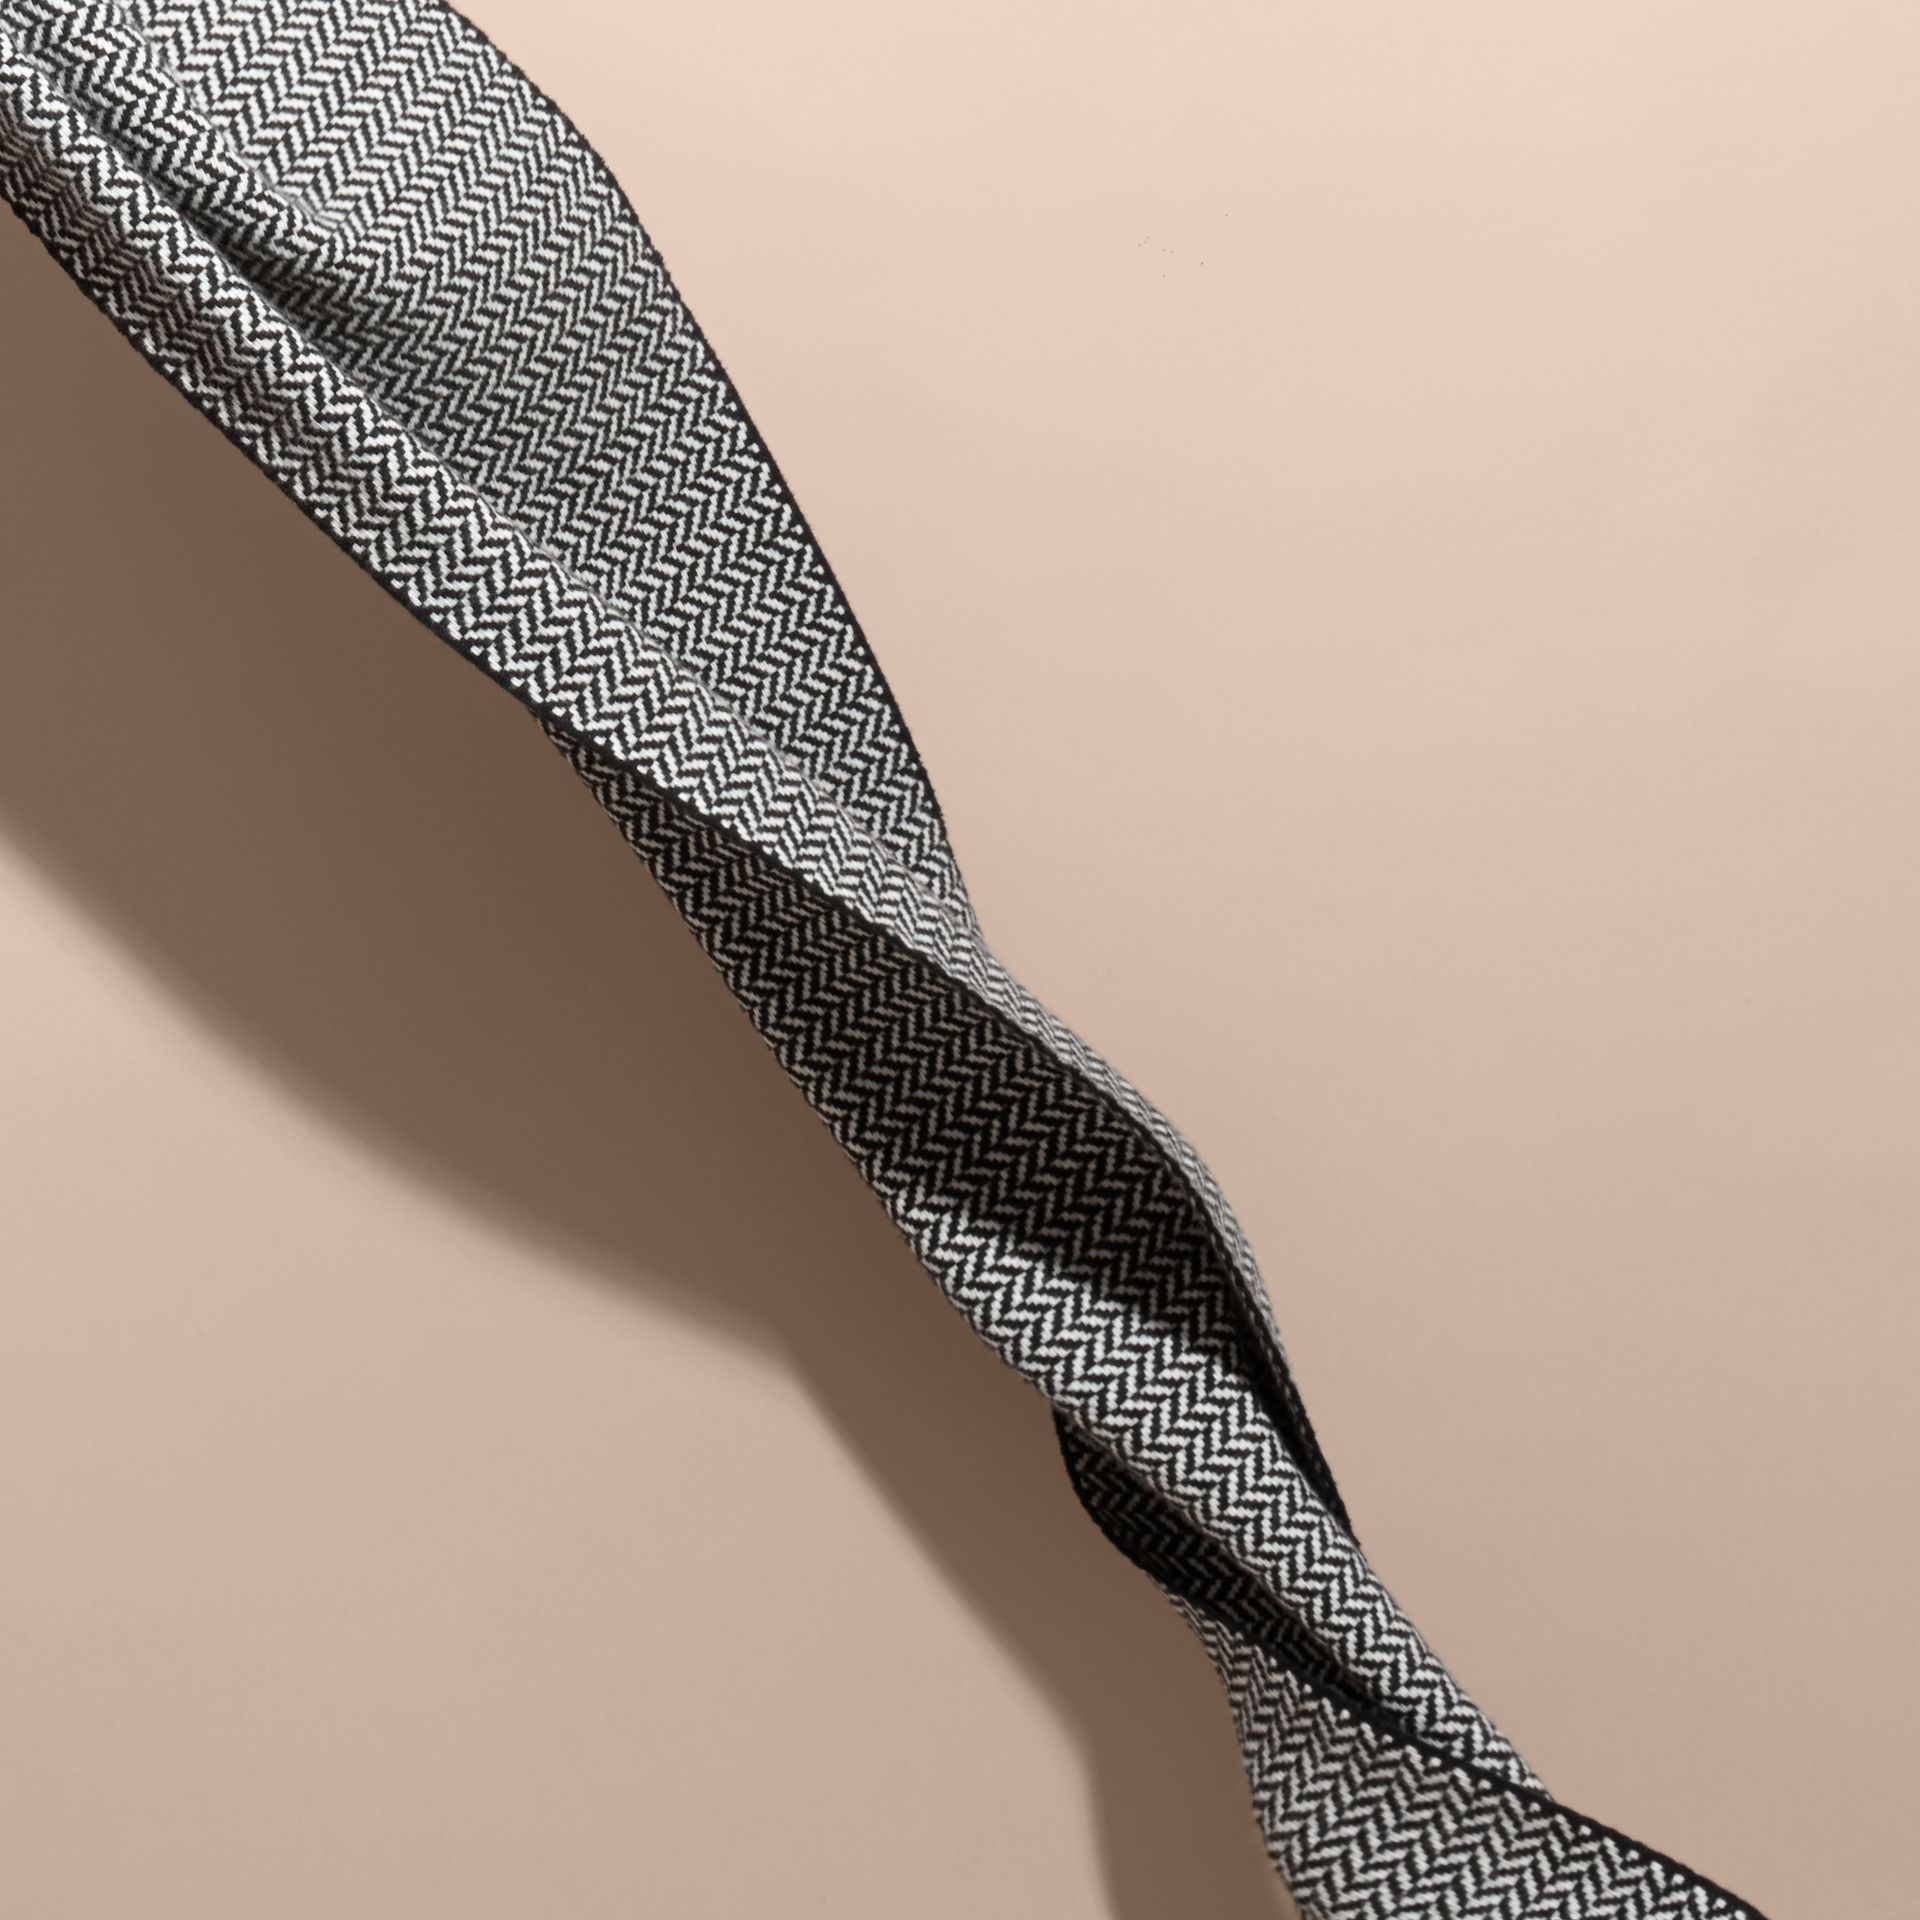 ブラック/ホワイト チャンキーヘリンボーン ウールカシミア スカーフ - ギャラリーイメージ 4